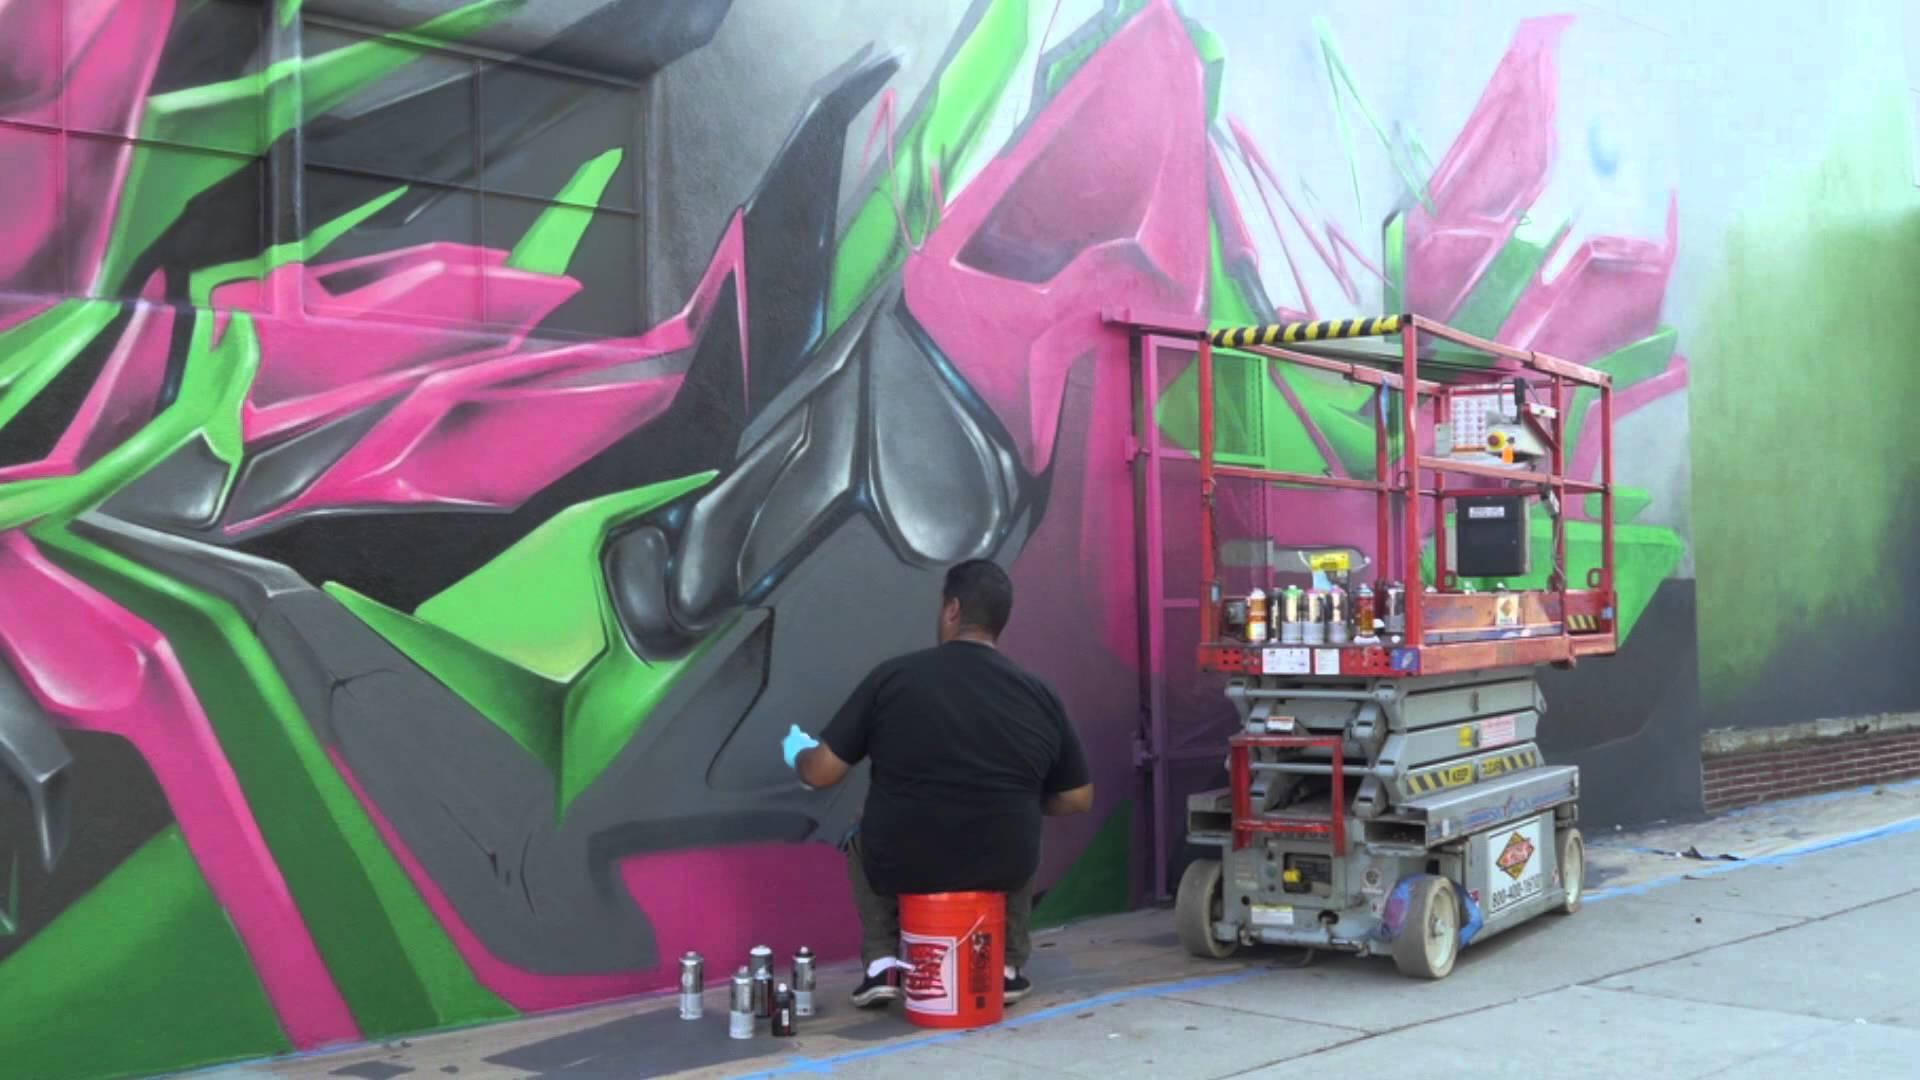 Dytch66, Dcypher & Tewsr – #Graffiti